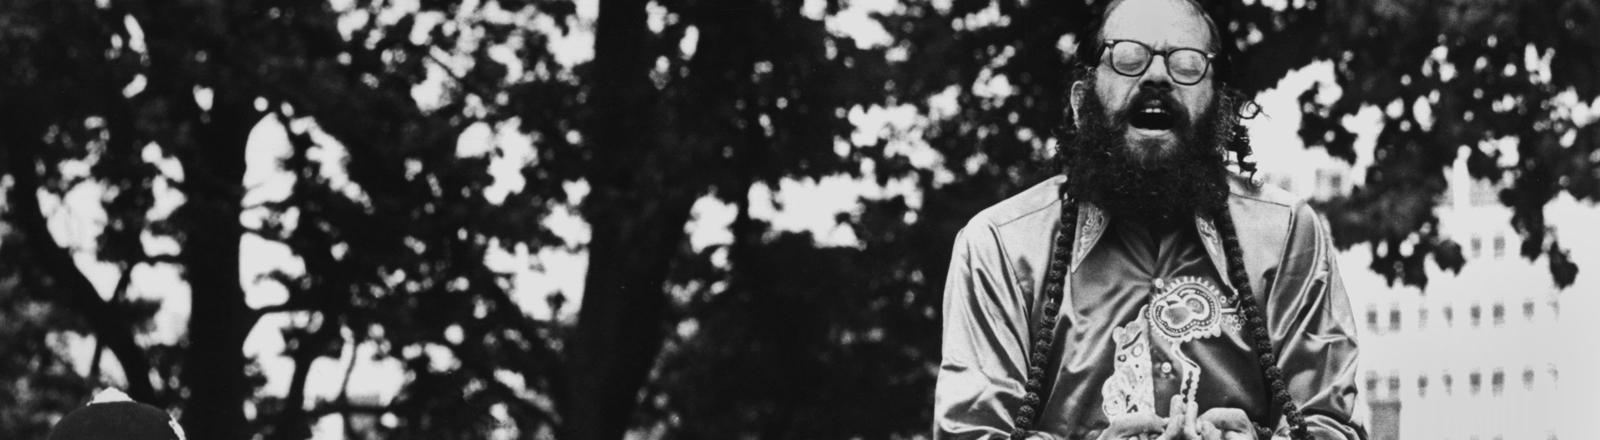 """US-amerikanischer Schriftsteller und Lyriker Allen Ginsberg (""""Planet news""""), einer der bedeutensten Autoren der """"Beat-Generation"""", aufgenommen während einer öffentlichen Dichterlesung in London am 17. Juli 1967."""